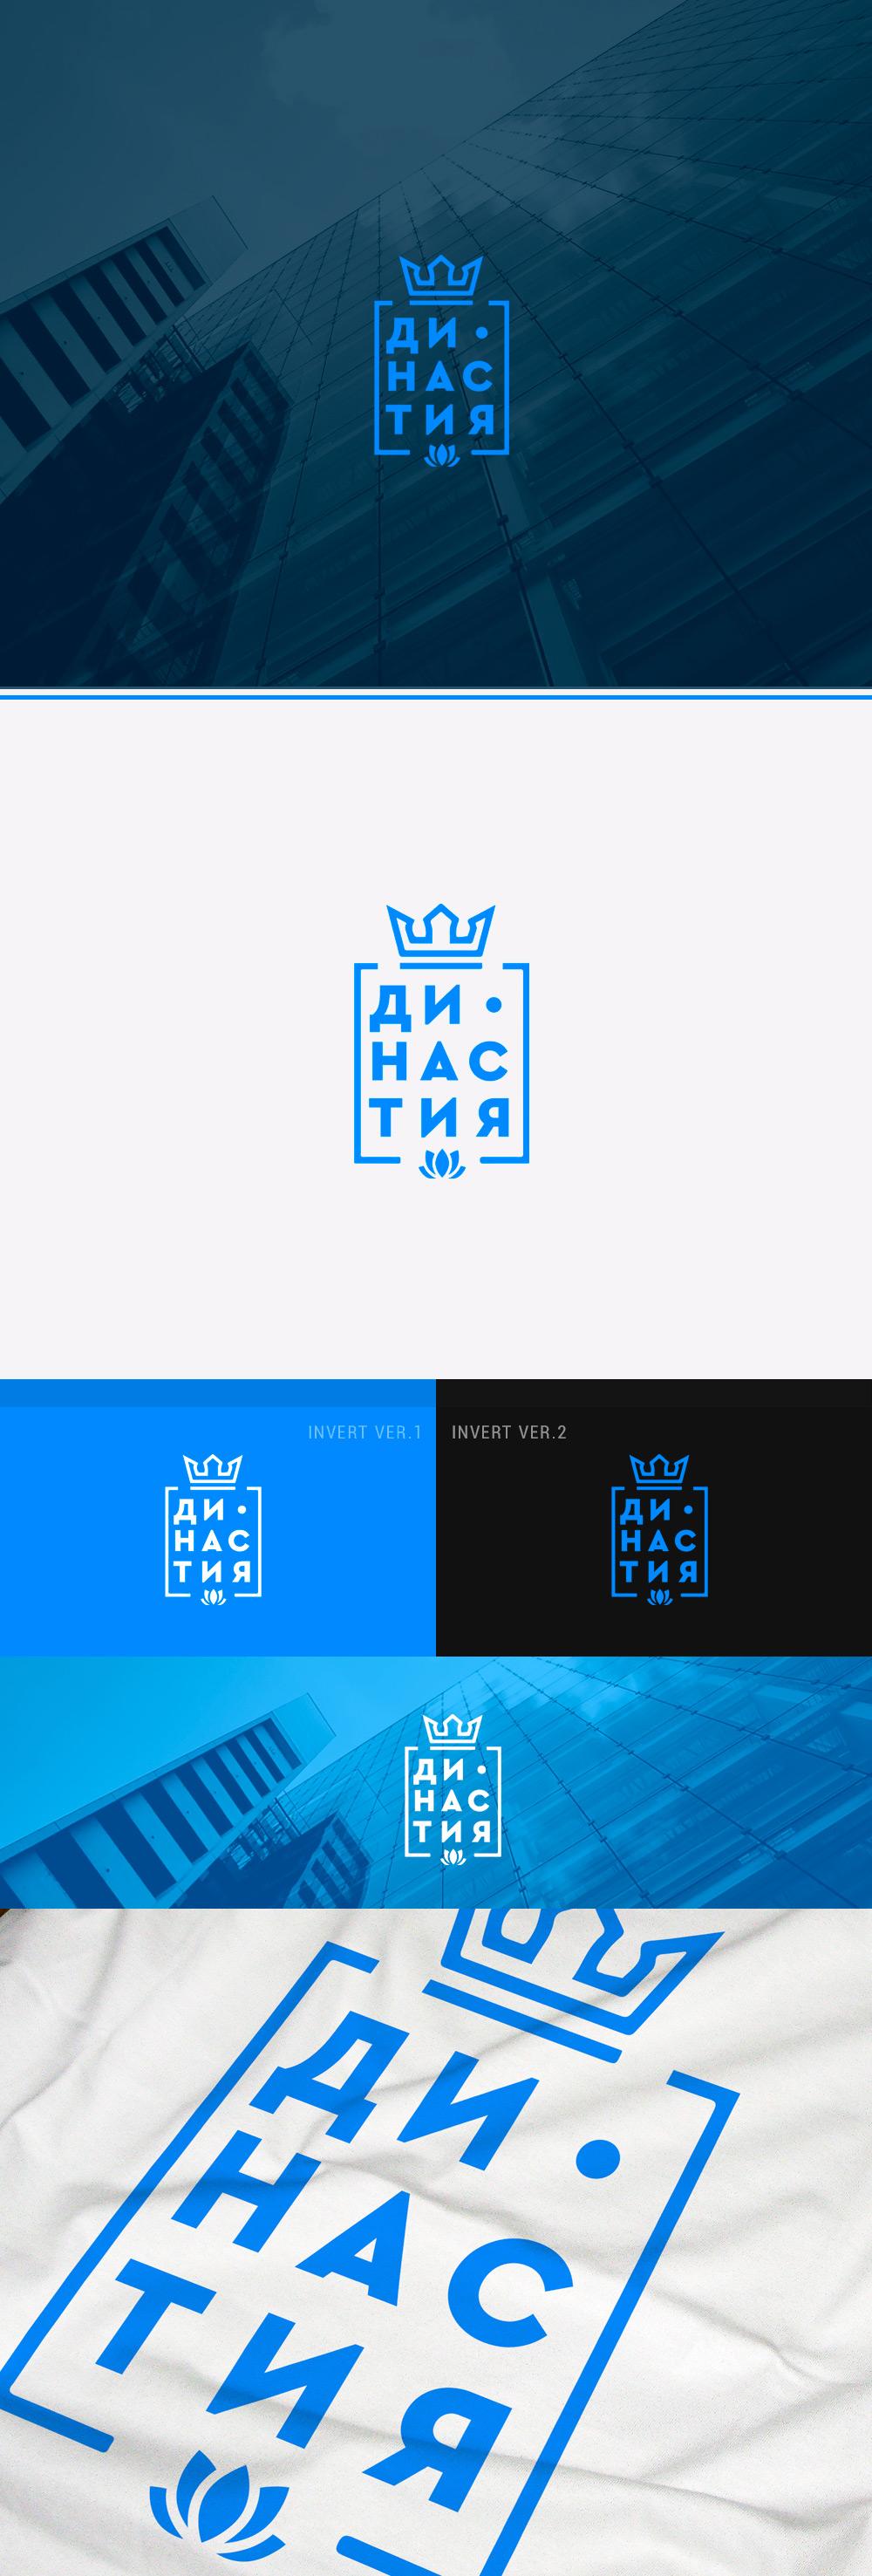 Разработать логотип для нового бренда фото f_88759e47ee853791.jpg